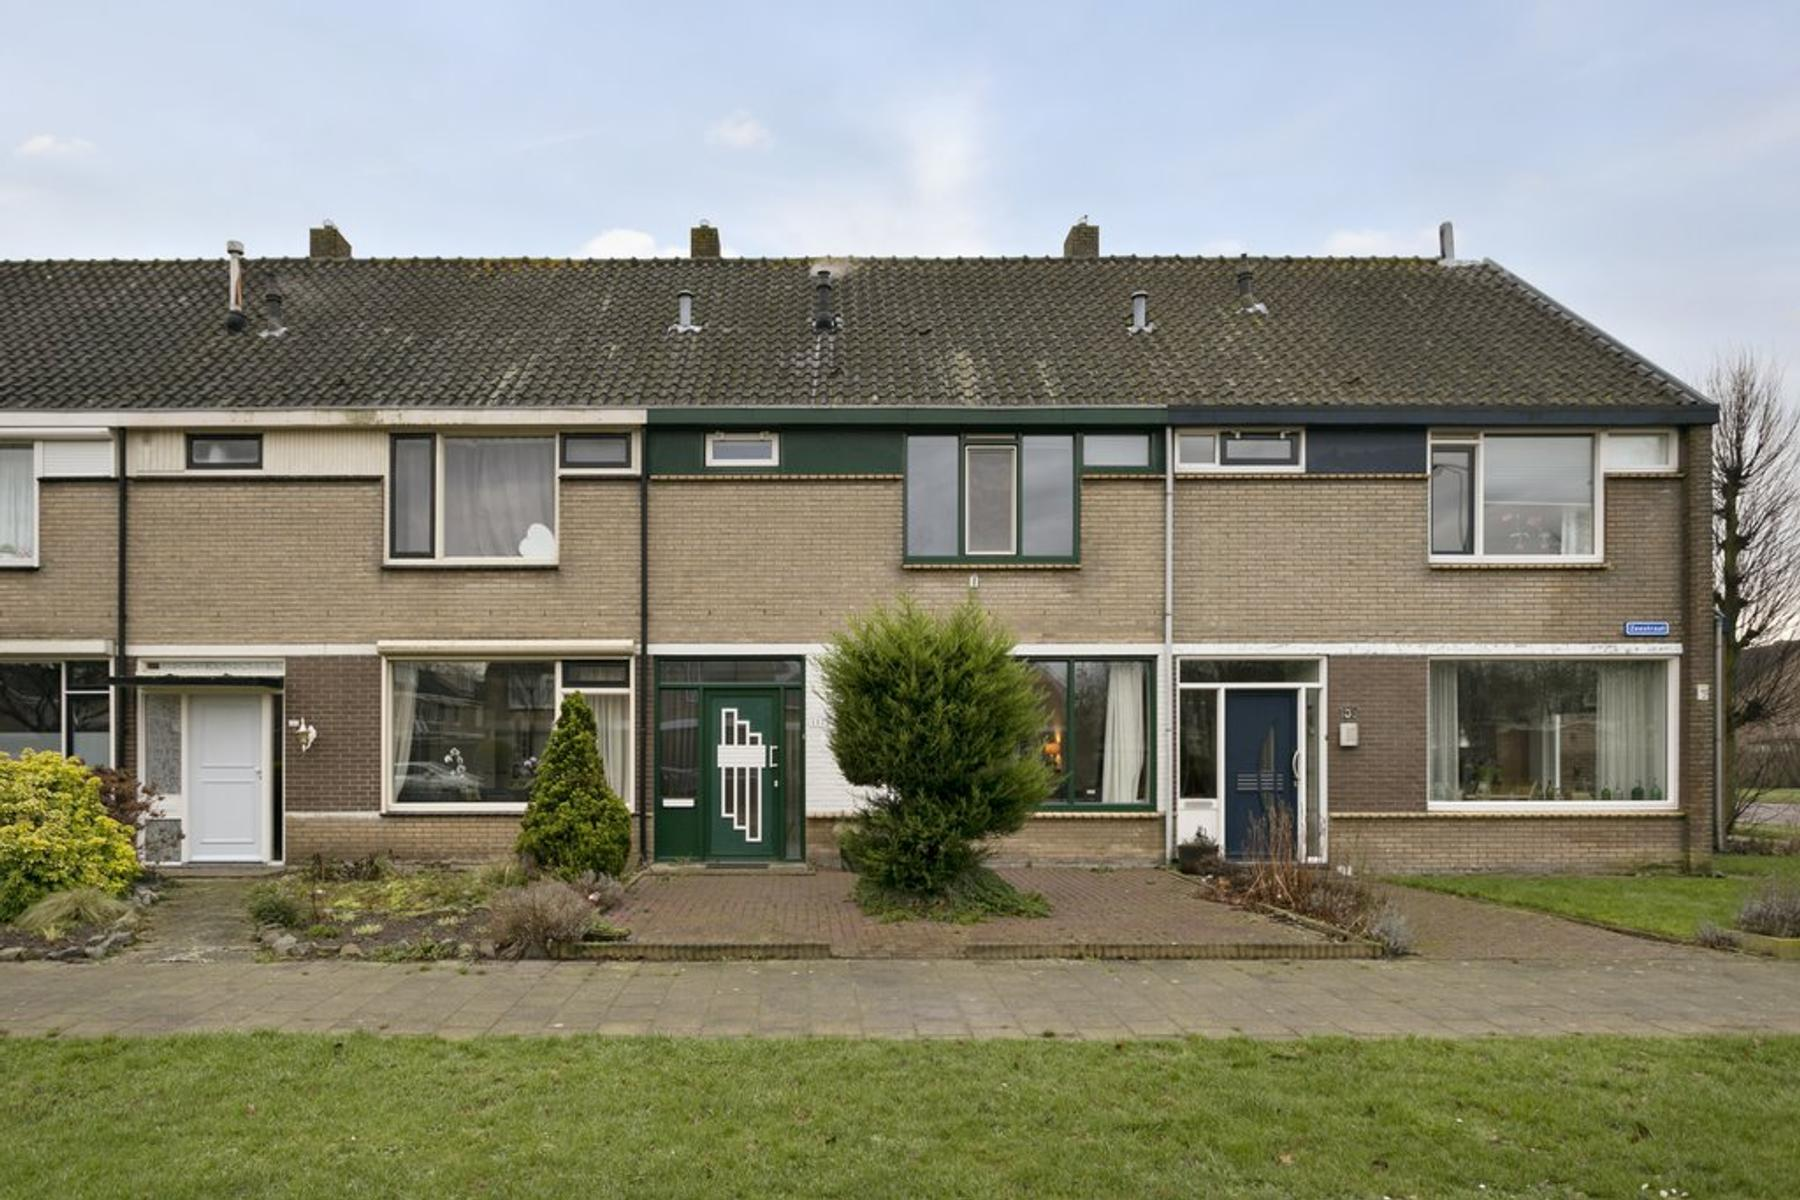 Zeestraat 157 in Zevenbergen 4761 HK